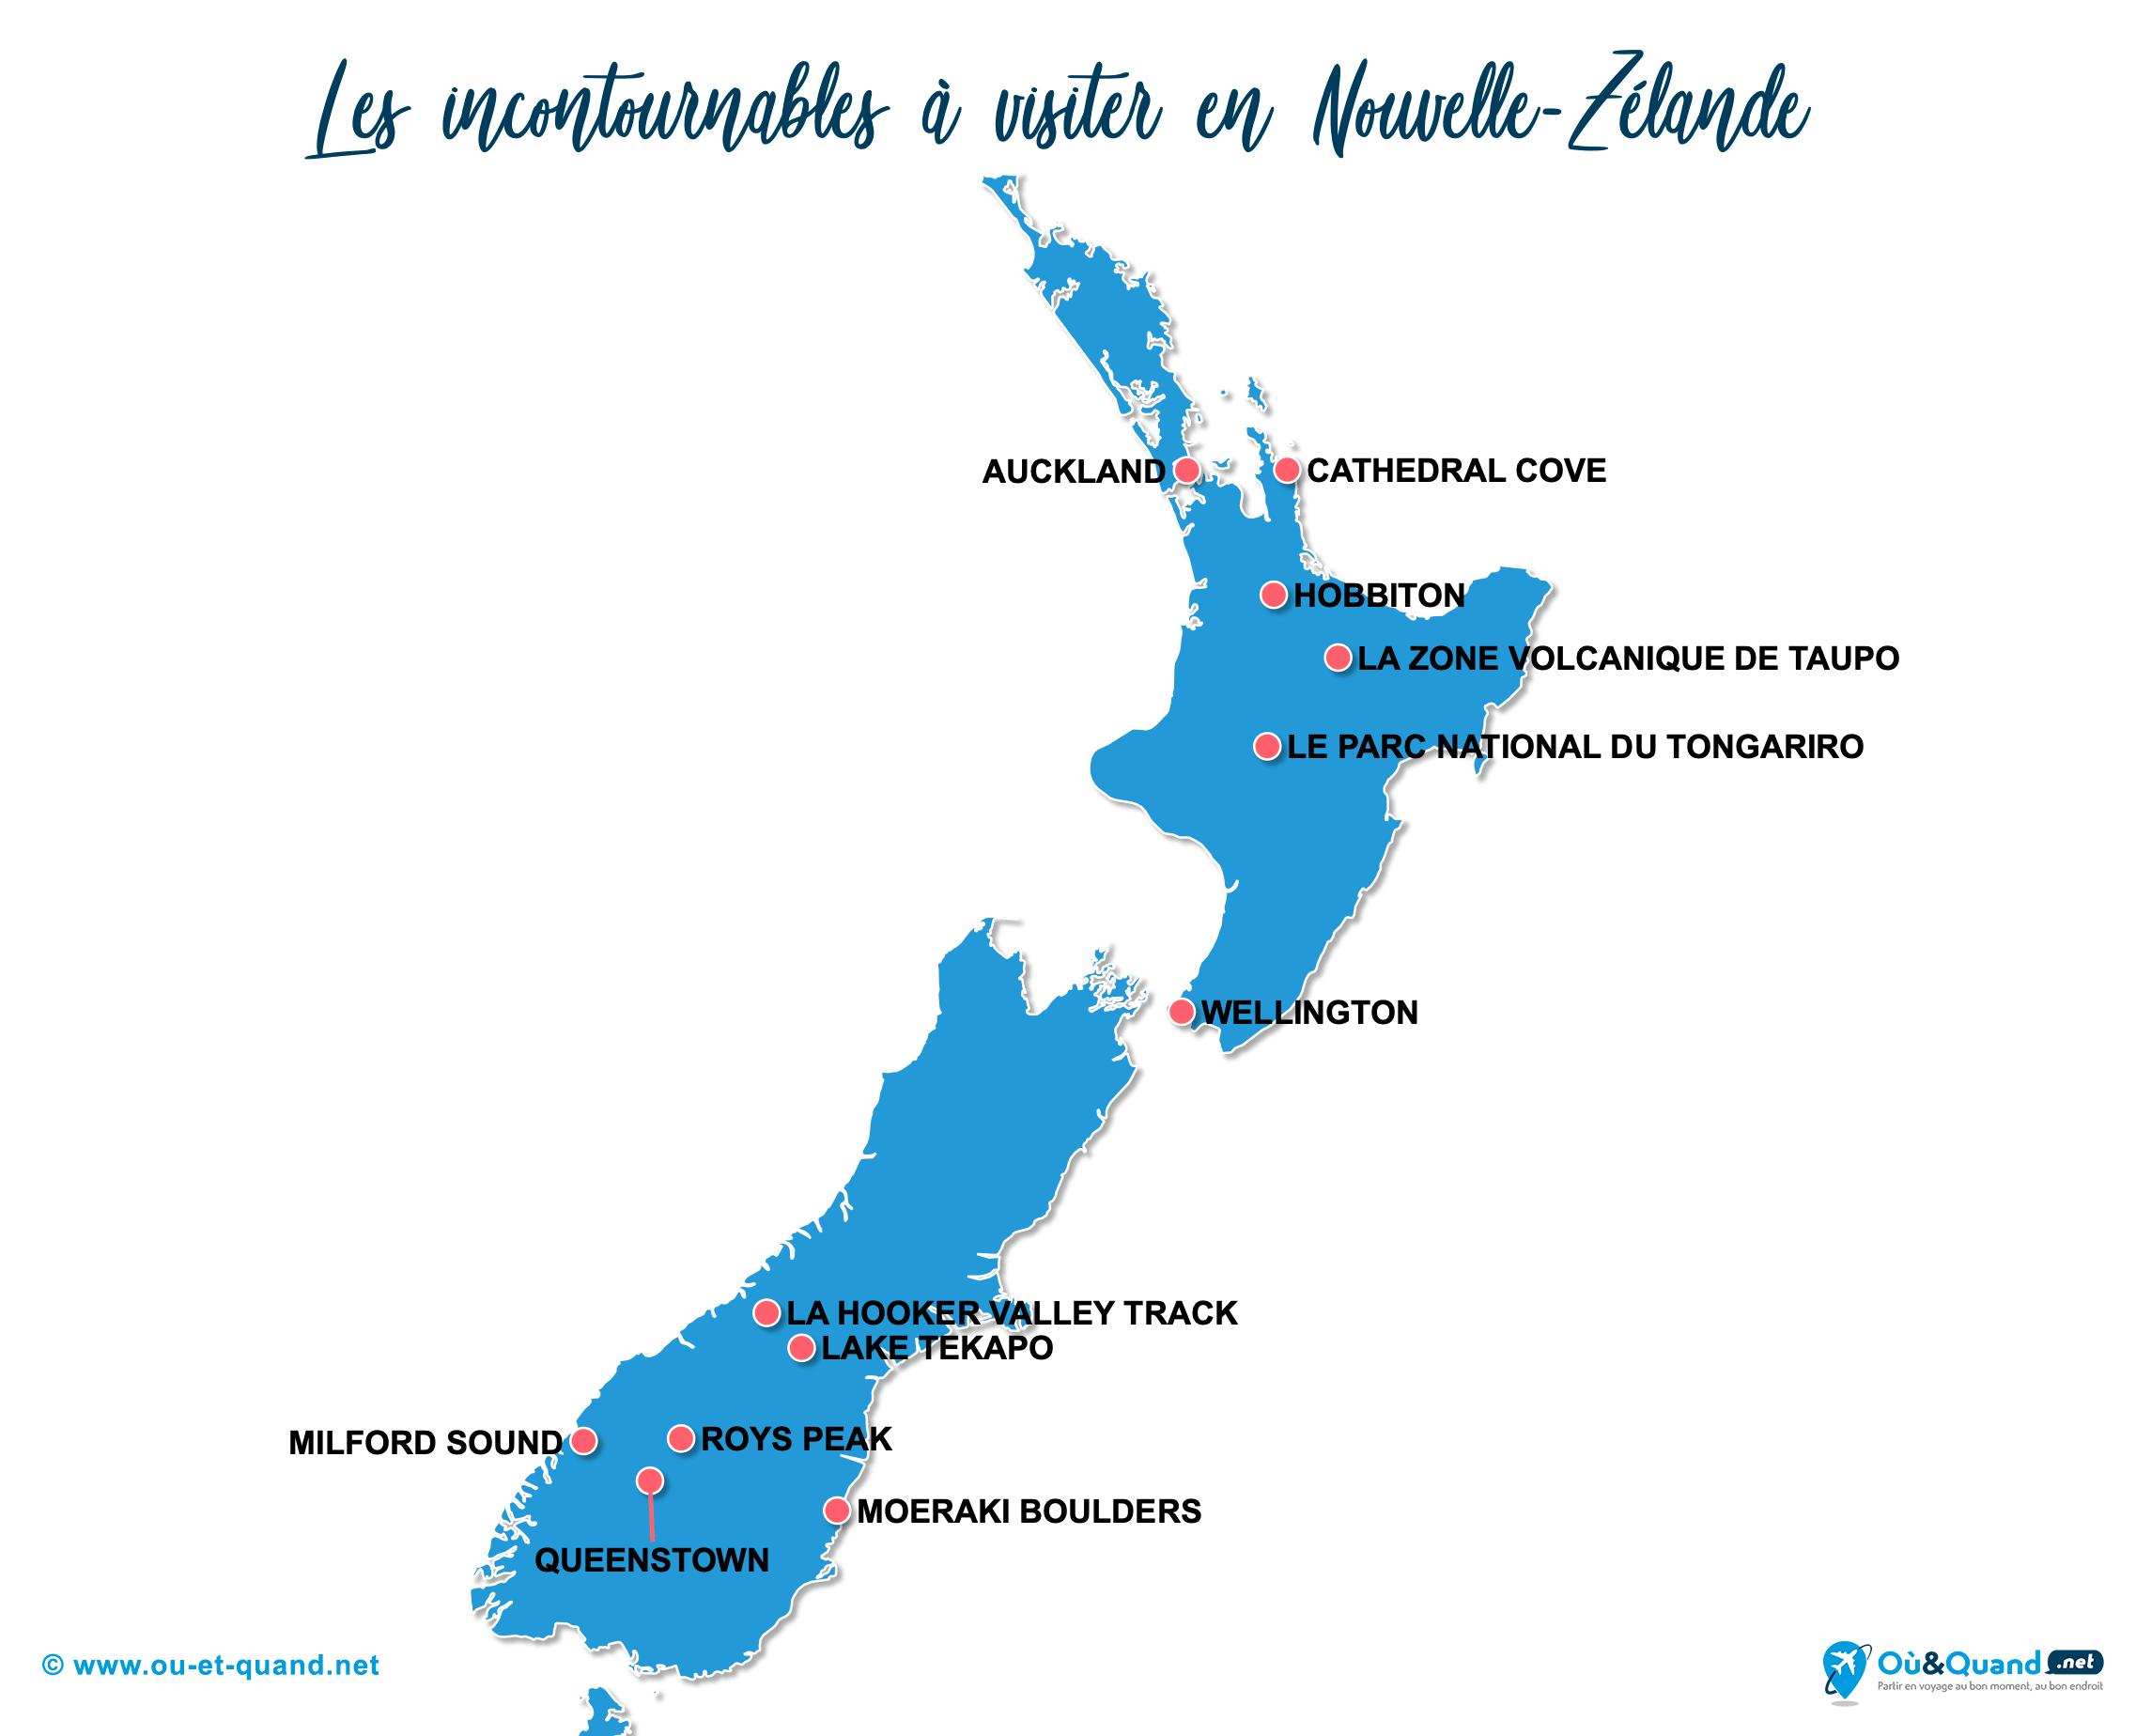 Carte Nouvelle-Zélande : Les lieux incontournables en Nouvelle-Zélande